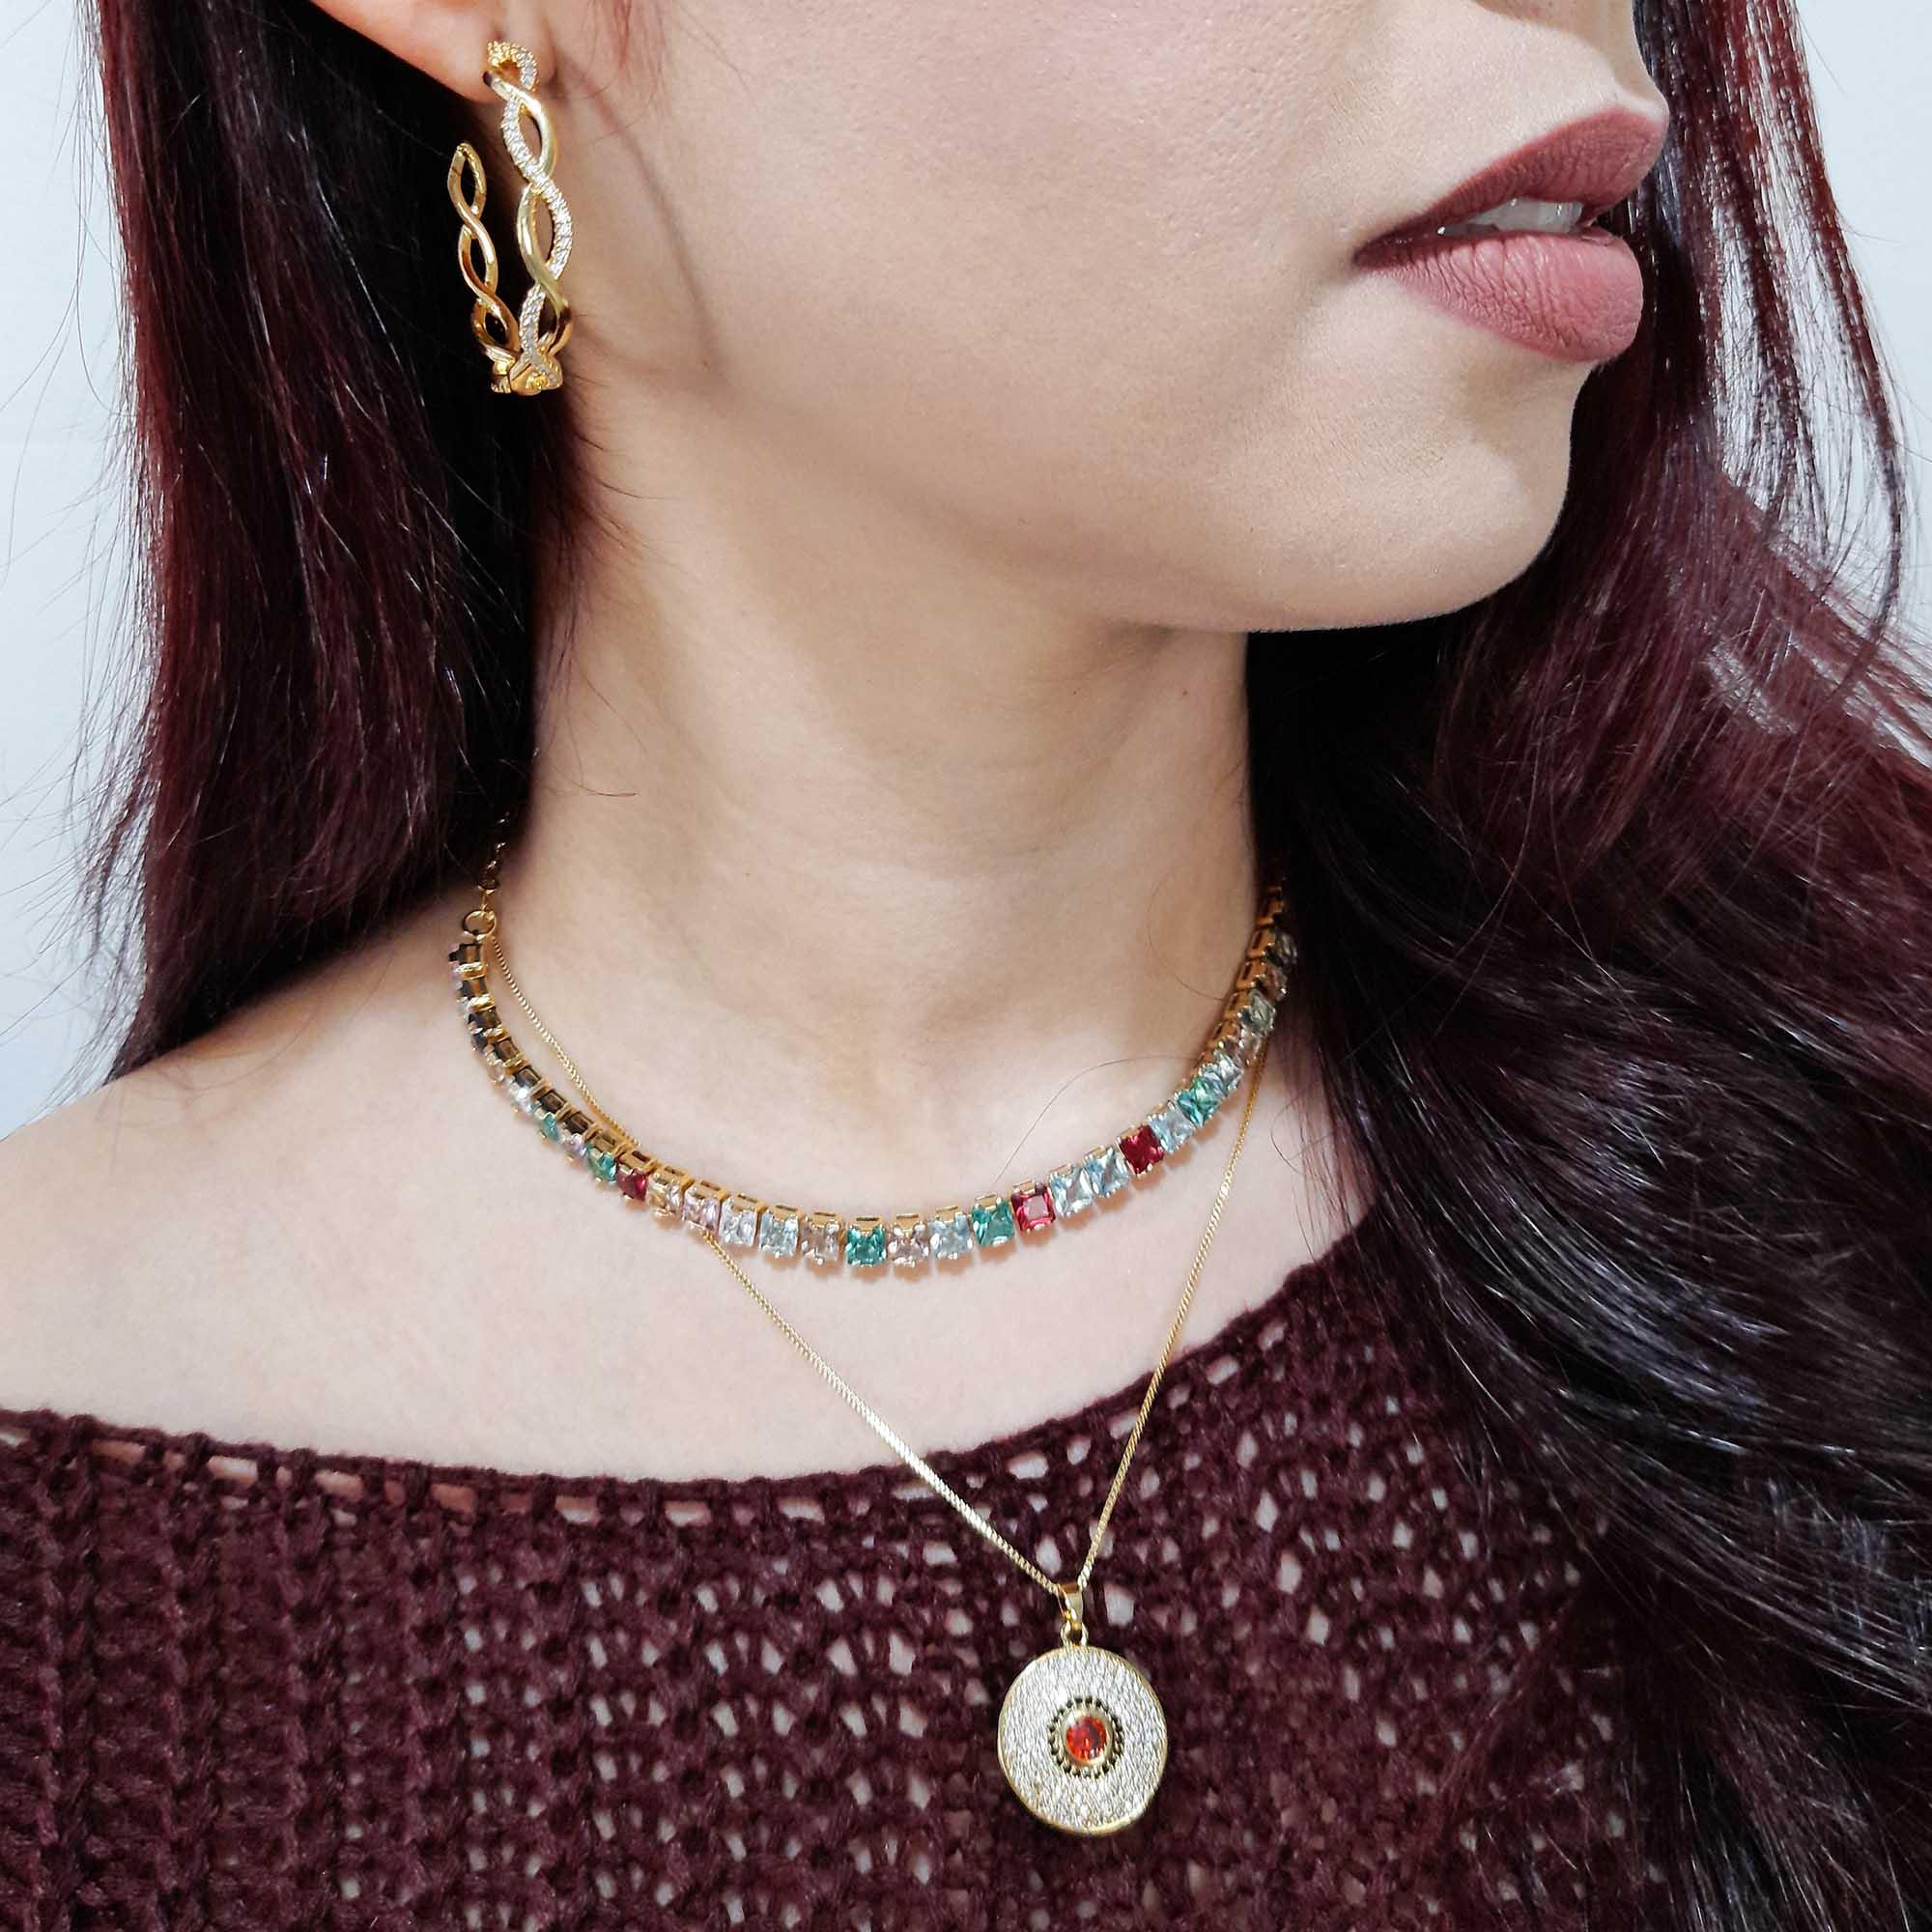 Colar Choker Pedra Princesa Malha Coração Folheado Ouro 18k  - Lunozê Joias